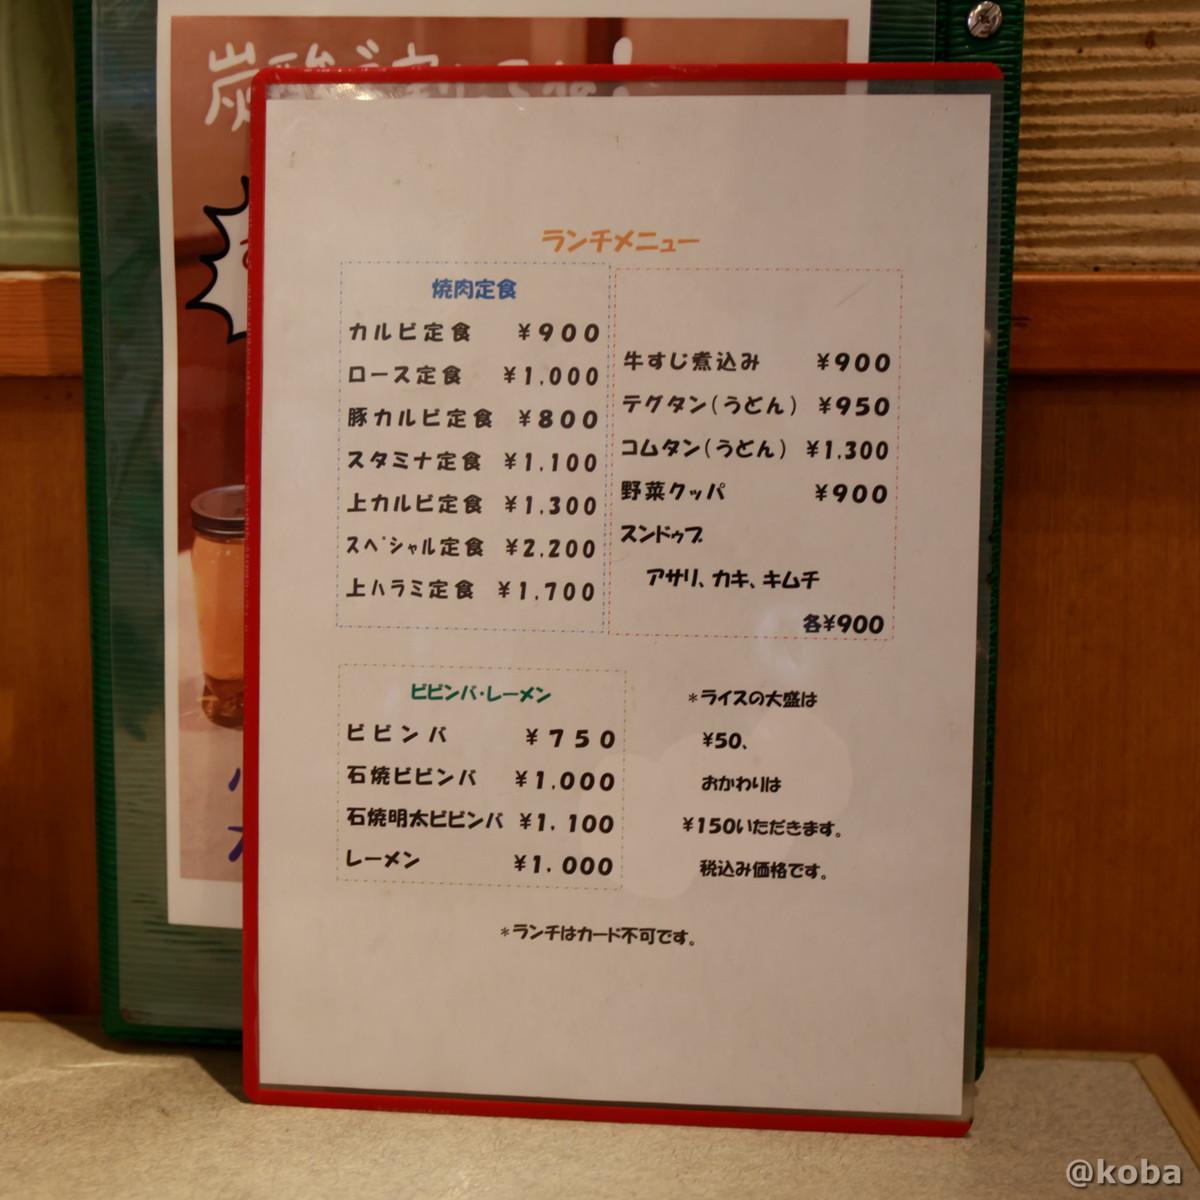 ランチメニュー 焼肉定食 カルビ定食¥900 ロース定食¥1.000 豚カルビ定食 ¥800 スタミナ定食 ¥1,100 上カルビ定食 ¥1,300 スペシャル定食 ¥2,200 上ハラミ定食 ¥1,700 牛すじ煮込み¥900 テグタン (うどん) ¥950 コムタン (うどん) ¥1,300 野菜クッパ¥900 スンドゥブ アサリ、カキ、キムチ各¥900 ビビンバ・レーメン ビビンバ¥750 石焼ビビンバ ¥1.000 石焼明太ビビンバ ¥1,100 レーメン¥1.000 *ライスの大盛は¥50 おかわりは¥150いただきます。 税込み価格です *ランチはカード不可|こばフォトブログ